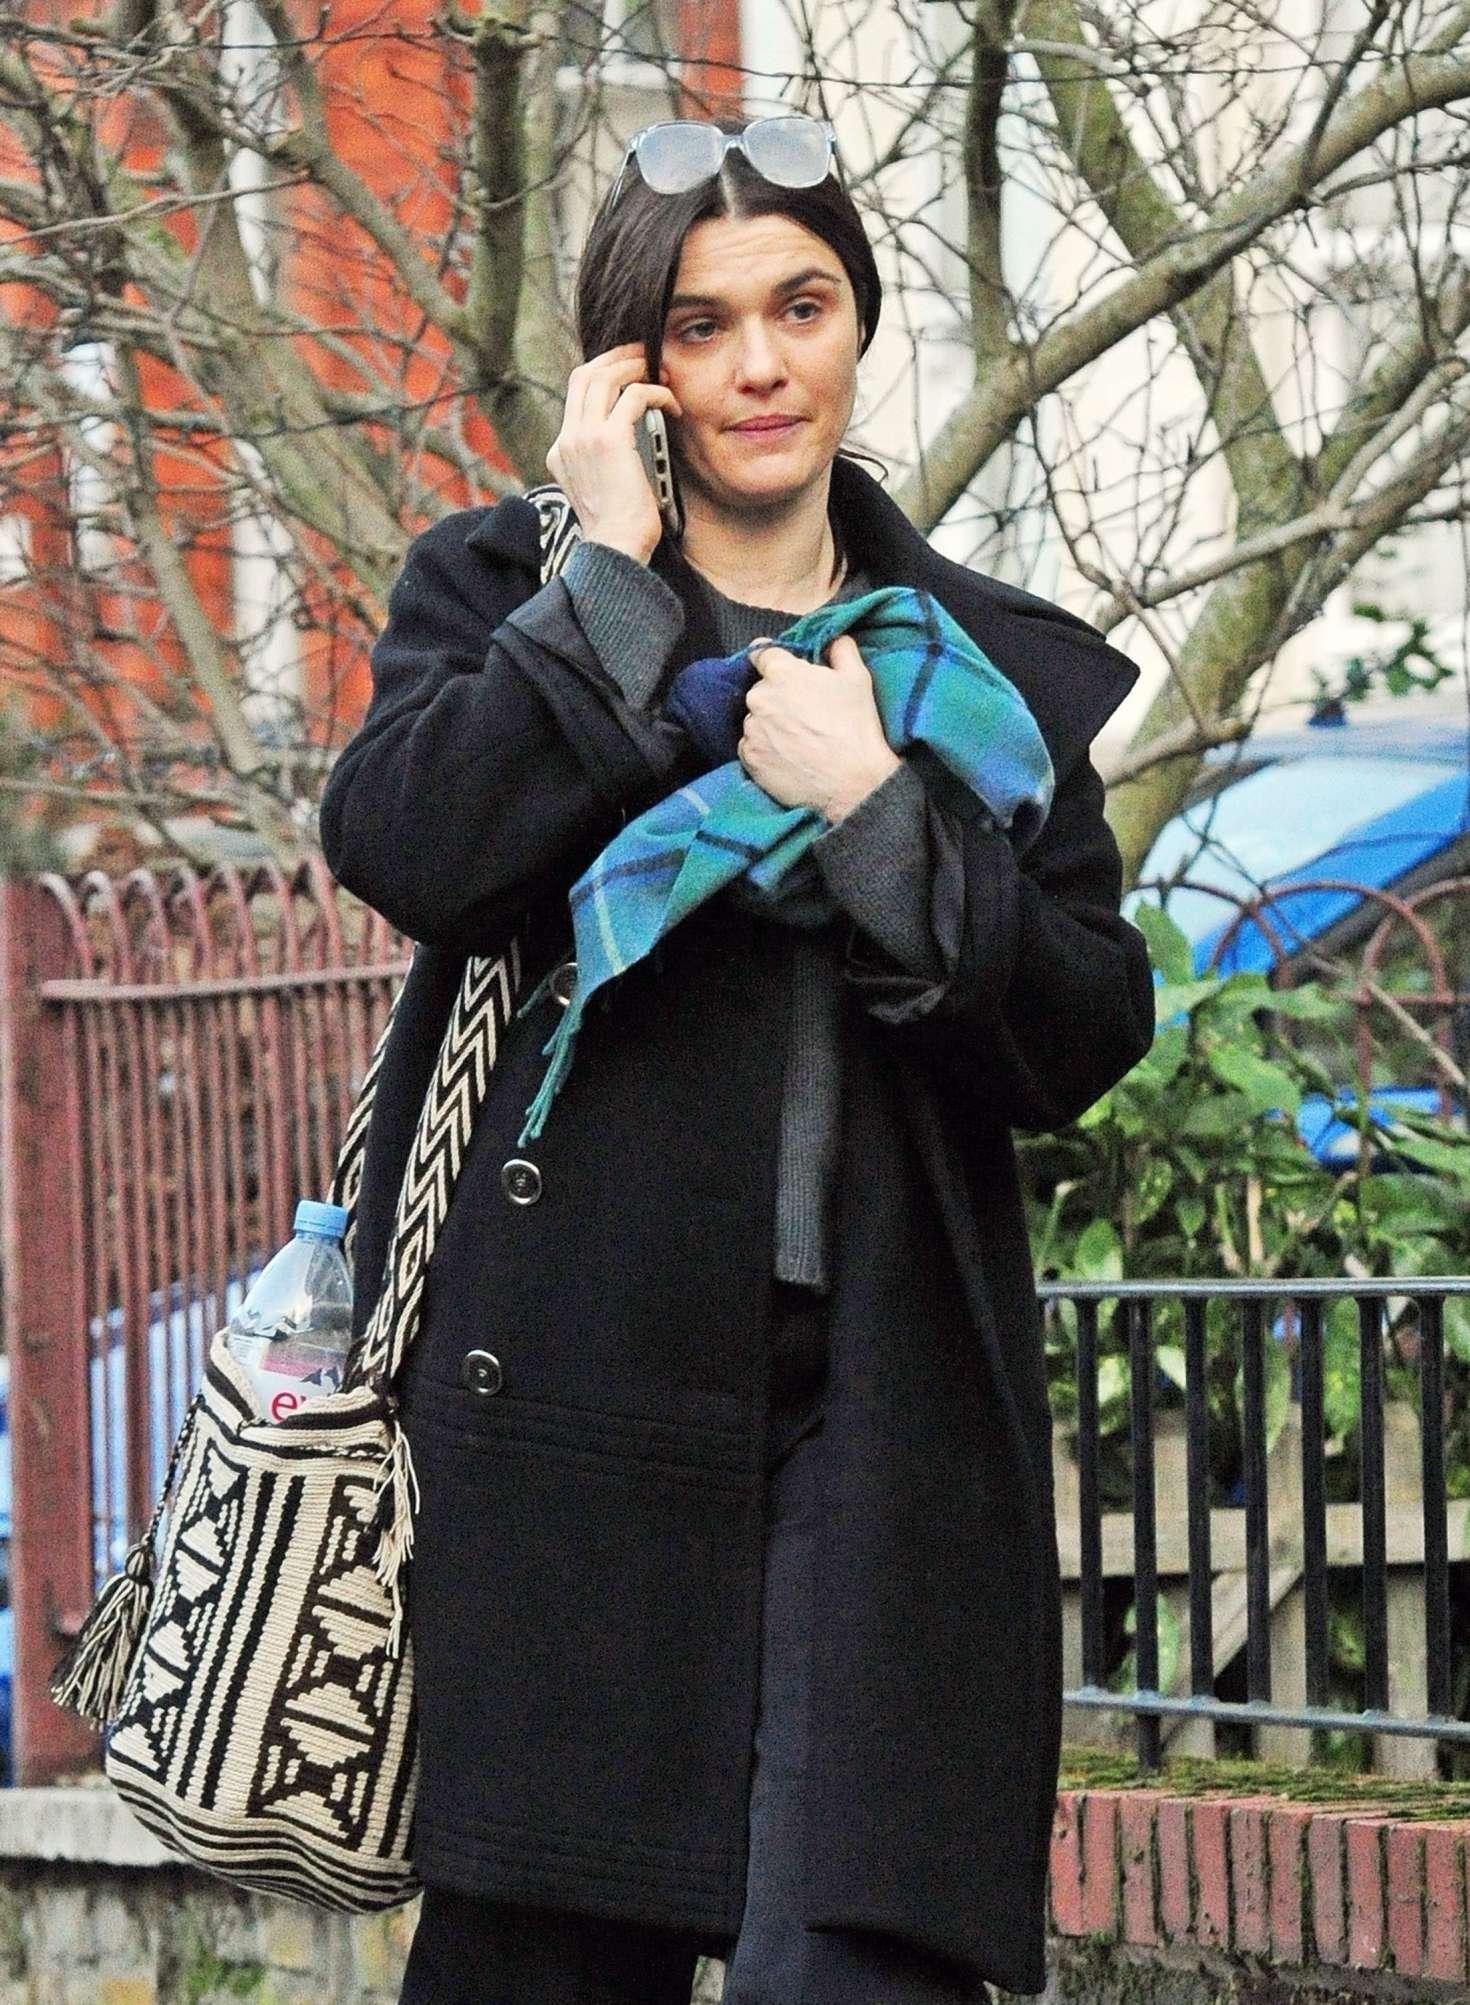 Rachel Weis in Black Coat - Out in London